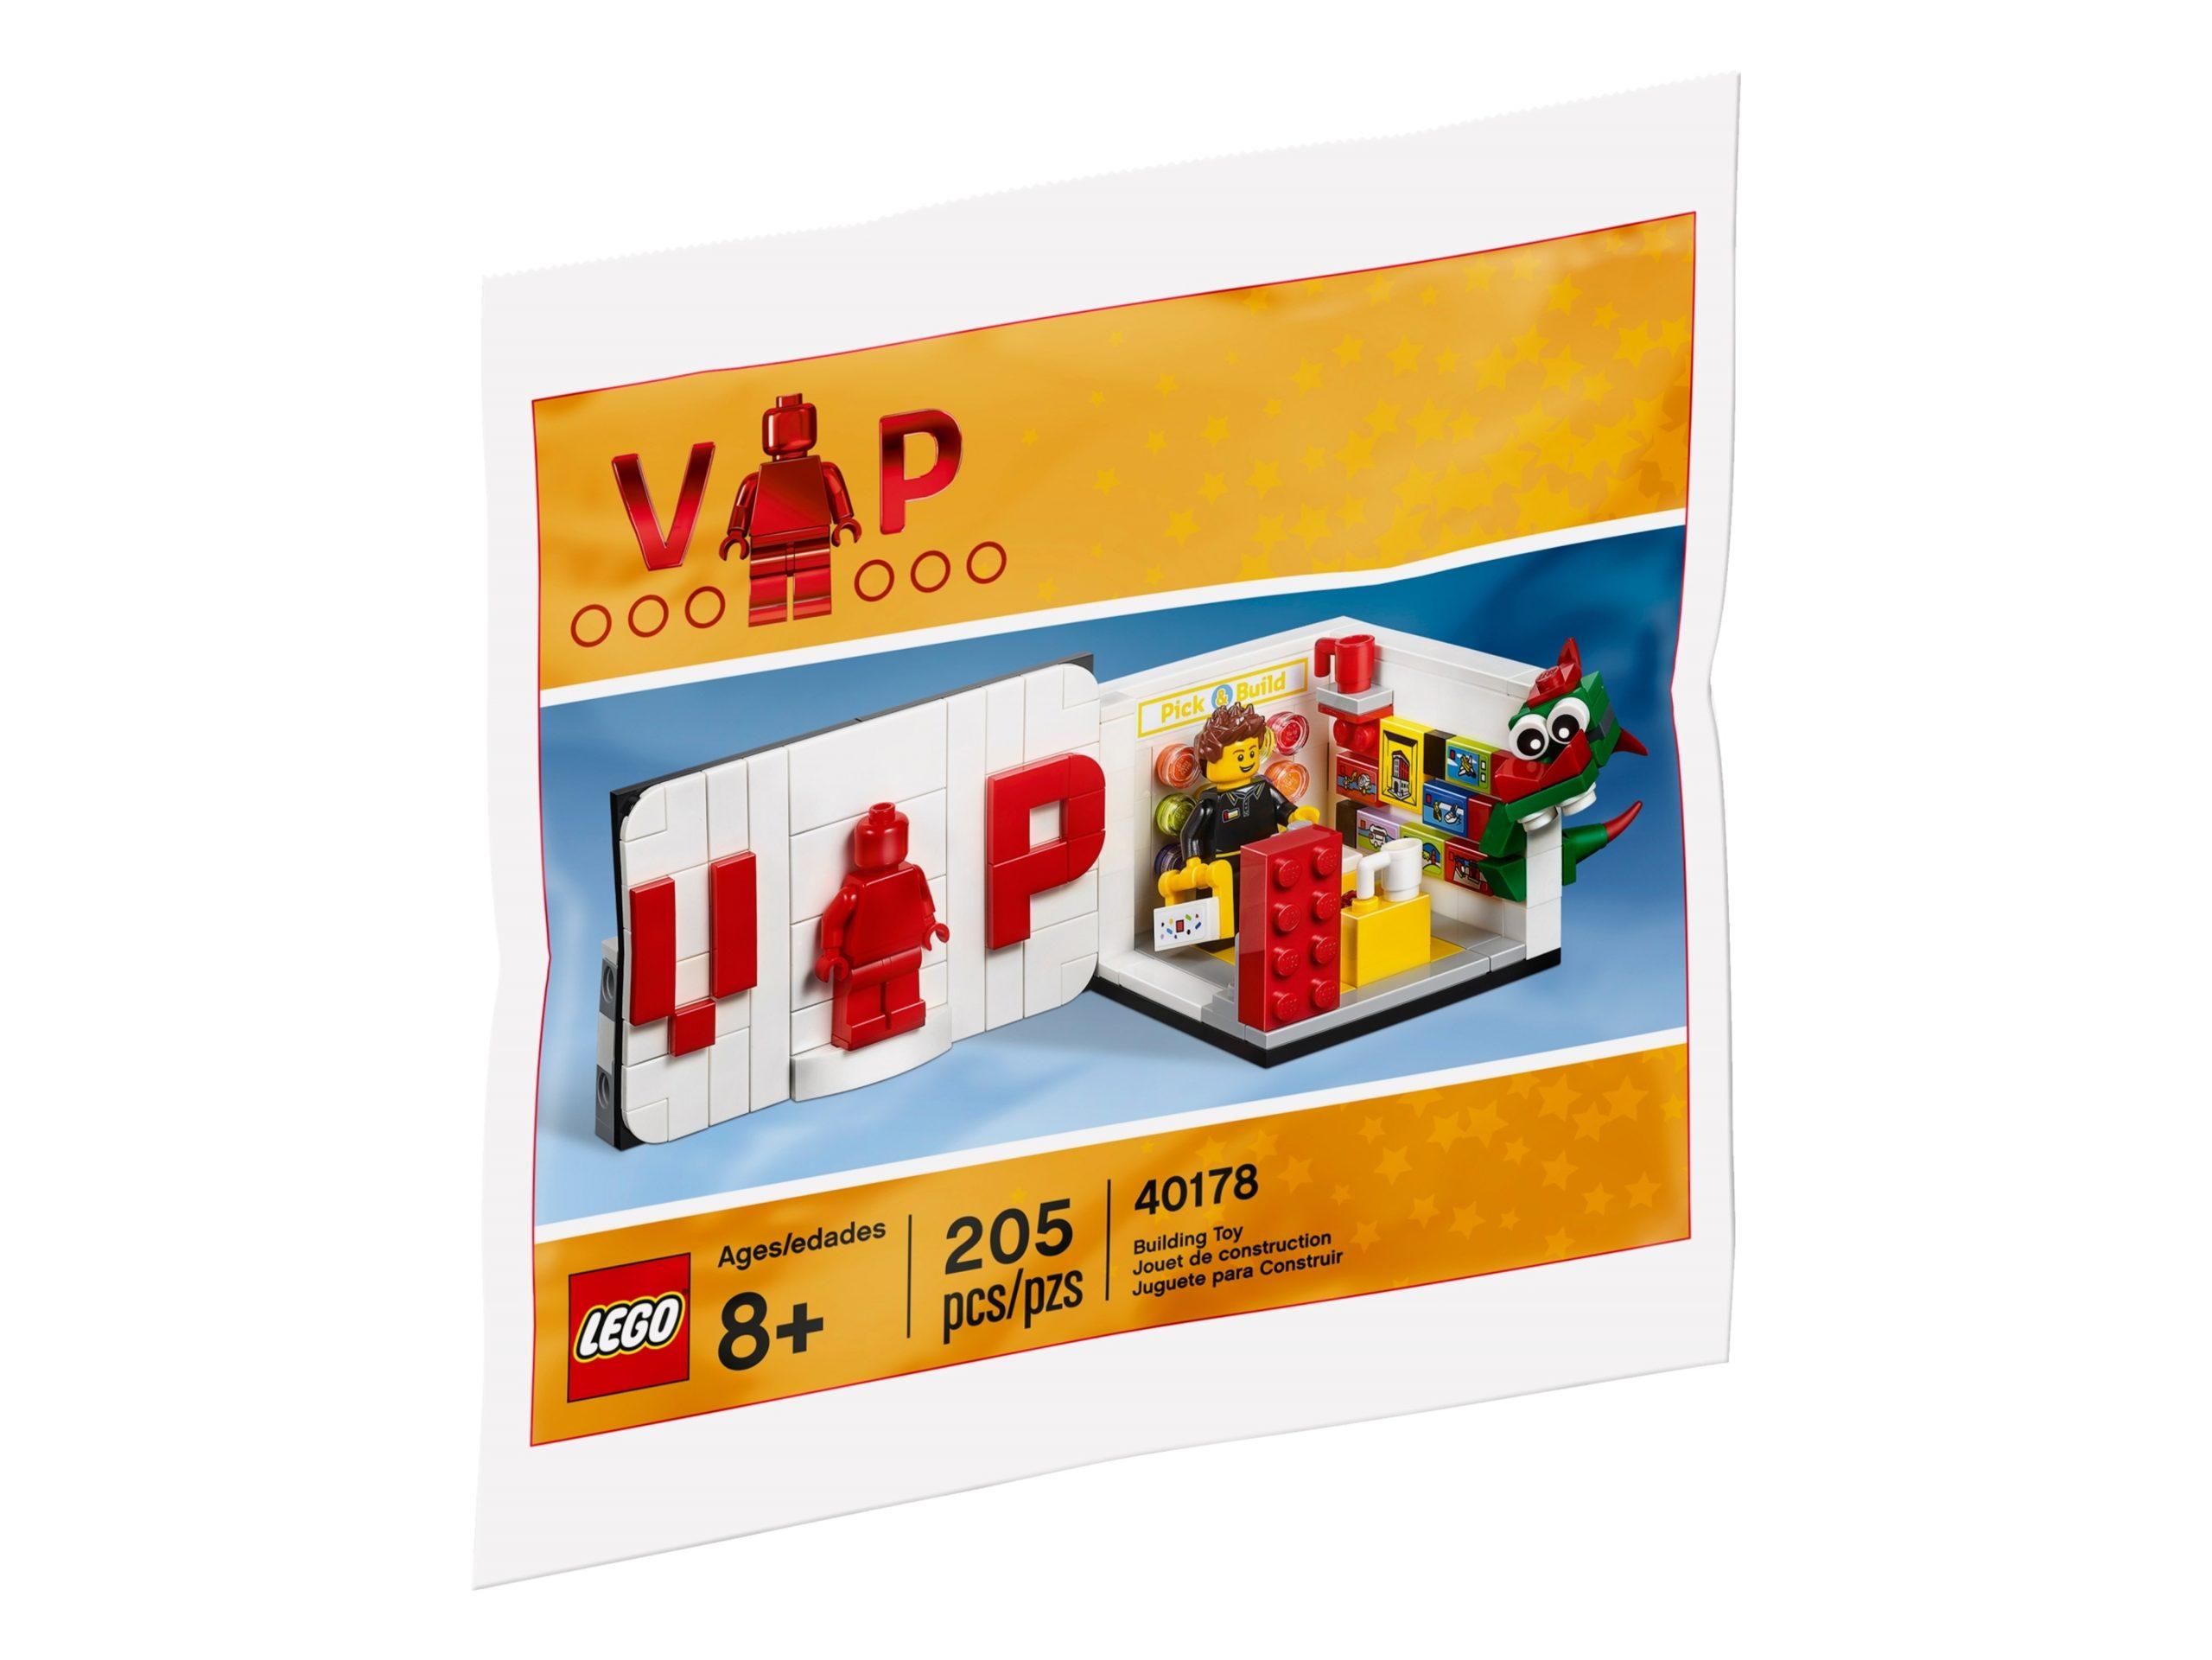 lego 40178 iconic vip set scaled